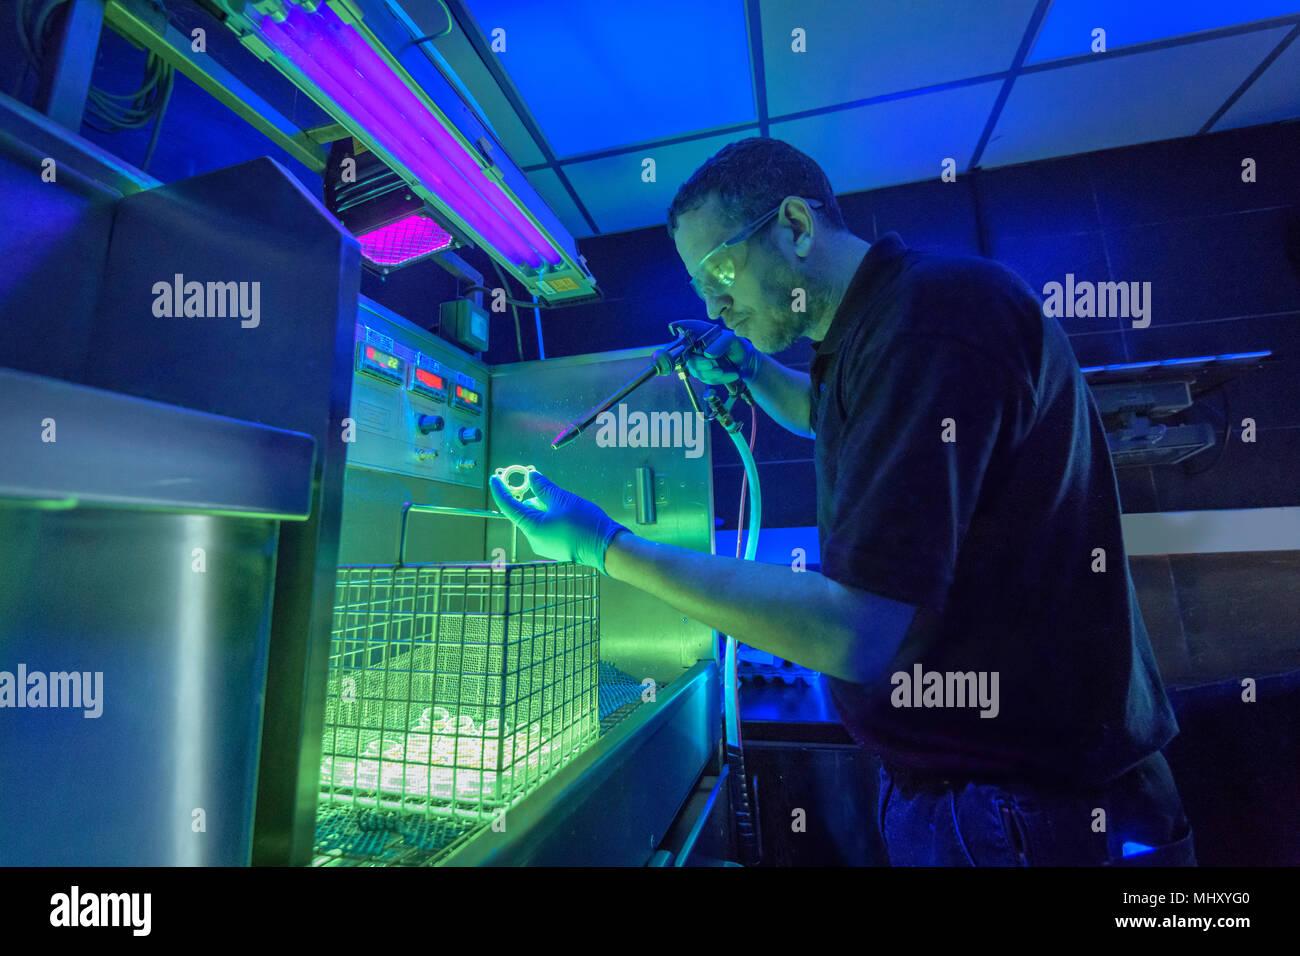 Lavoratore usando luce ultravioletta per rilevare incrinature nella fabbrica di elettroplaccatura Immagini Stock